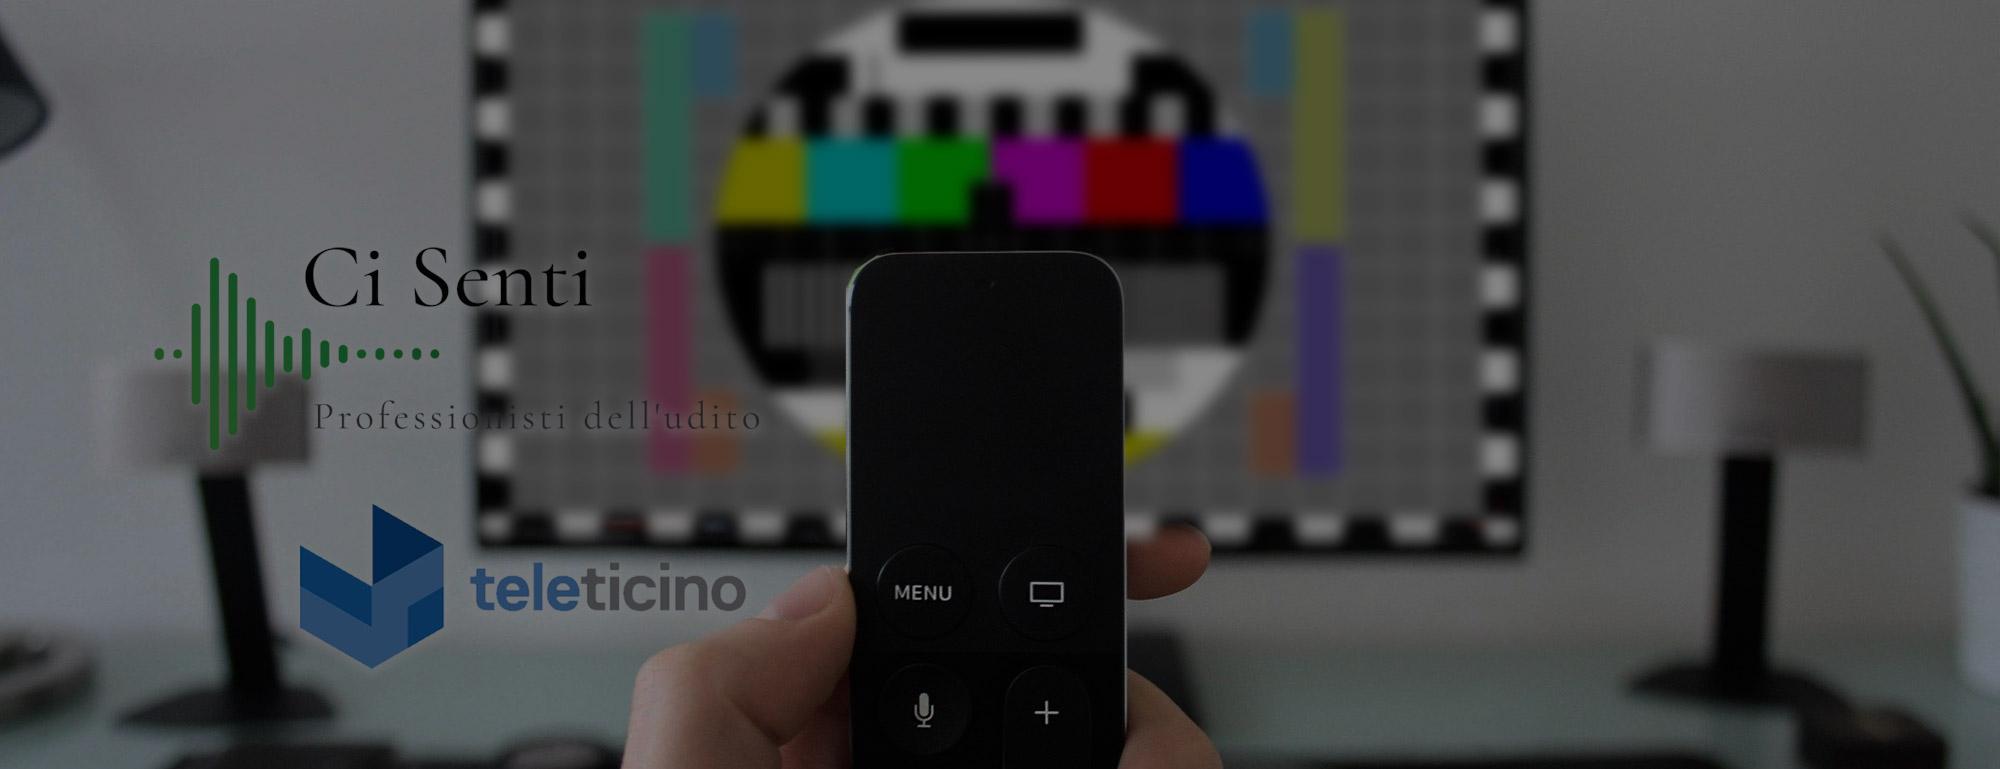 Spot Ci Senti - TeleTicino